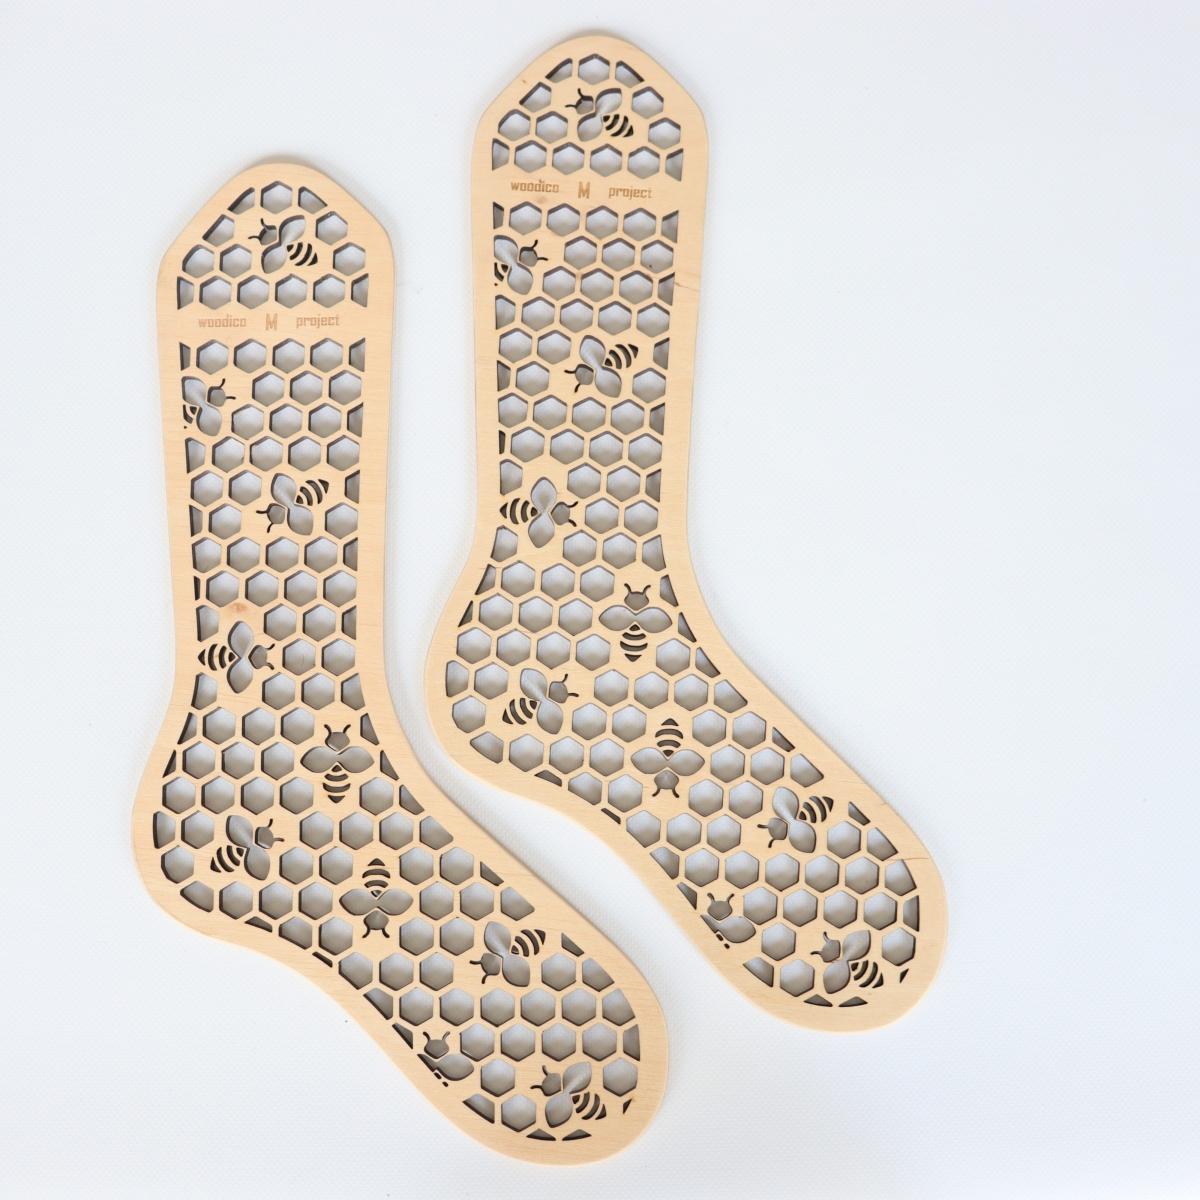 woodico.pro wooden sock blockers hooneycomb 1 1200x1200 - Wooden sock blockers / Honeycomb